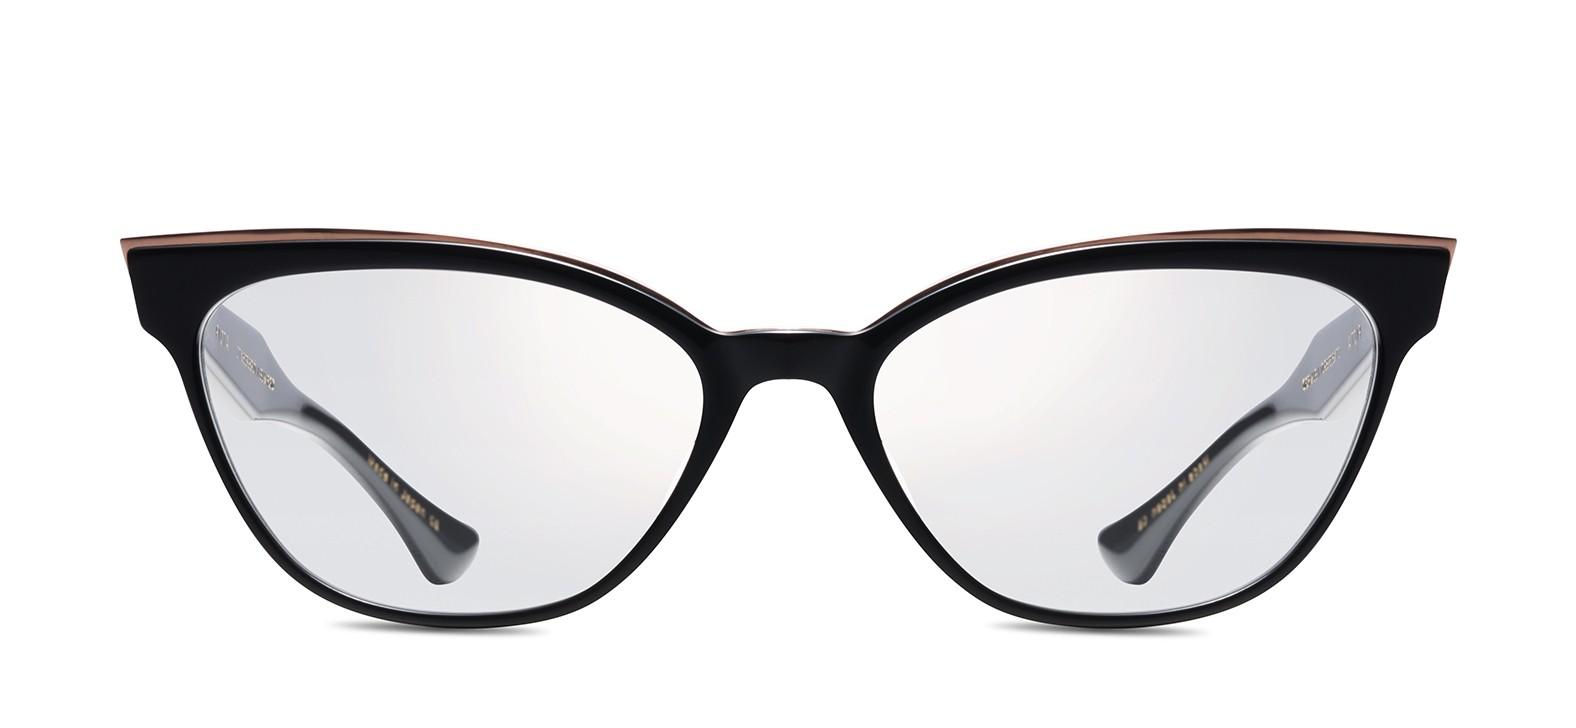 dita okulary korekcyjne FICTA DTX528-53